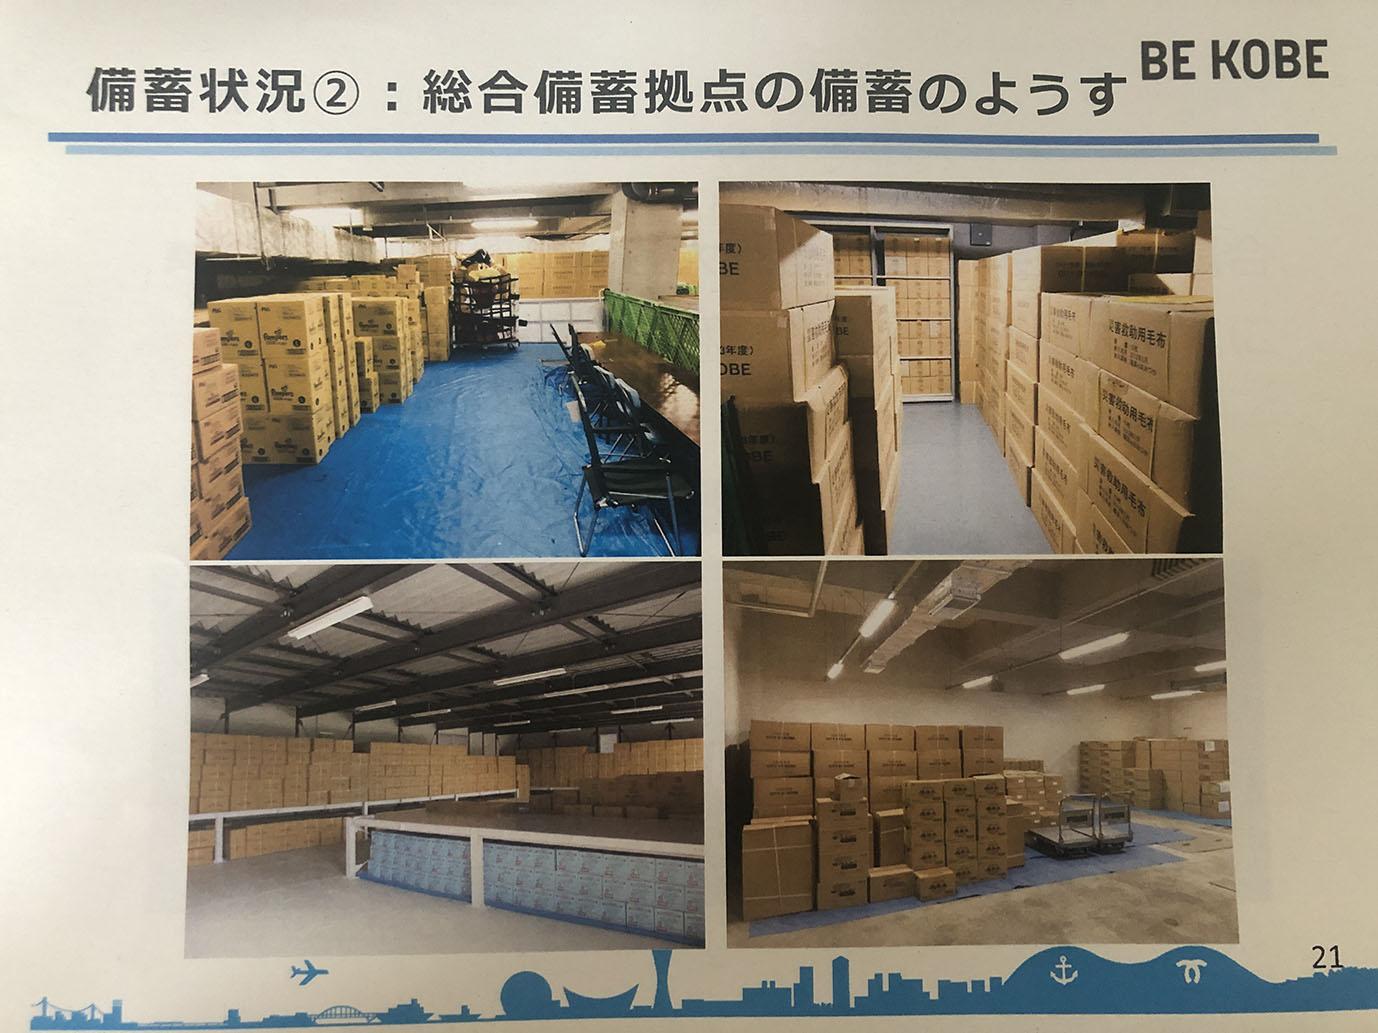 神戸市の総合備蓄拠点の備蓄の様子